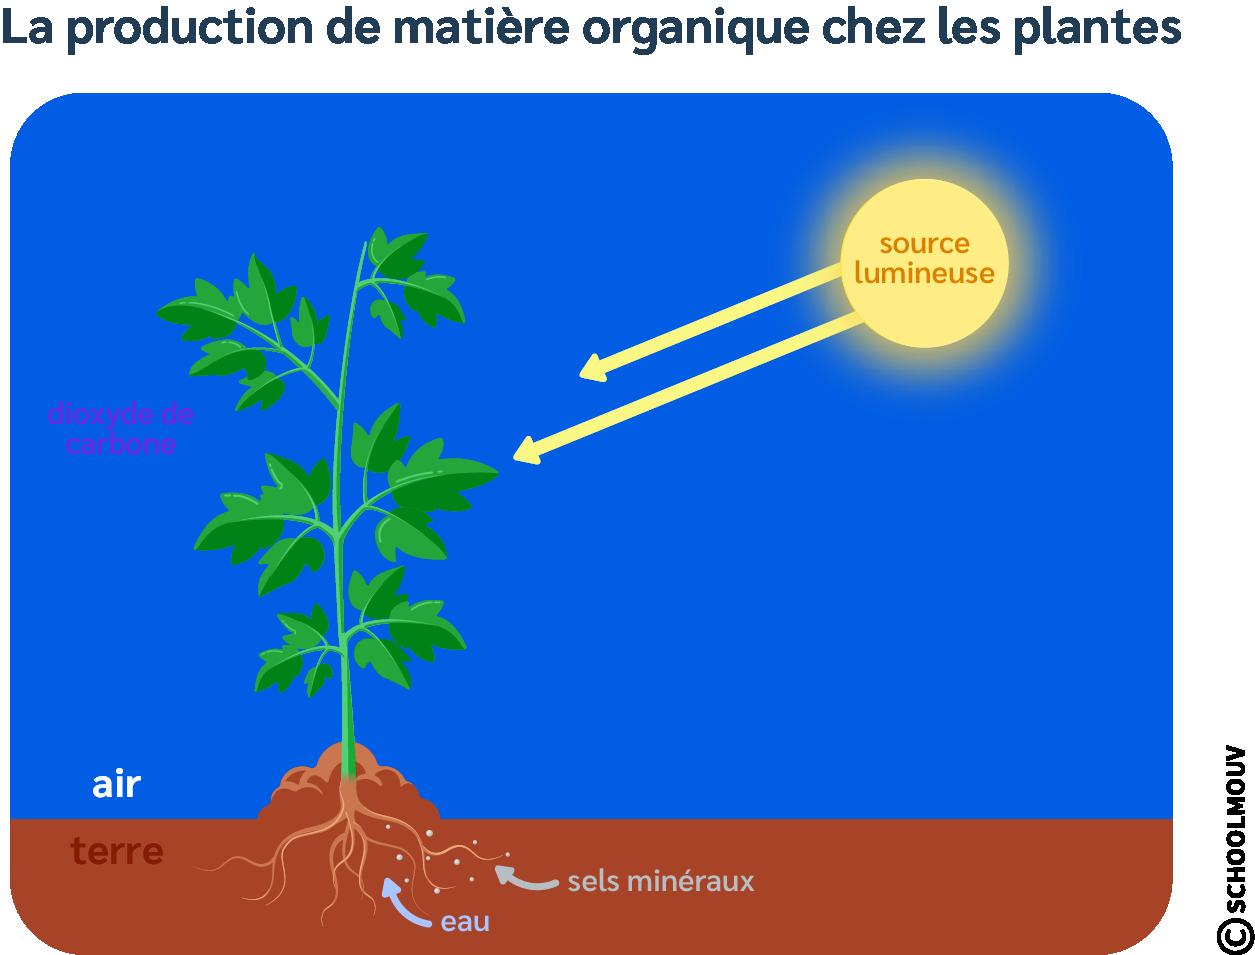 Production de matière organique chez les plantes - Plantes - Végétaux - Besoins - Sels minéraux - Eau - Air - Terre - Dioxyde de carbone - Soleil - SchoolMouv - Sciences - CM1